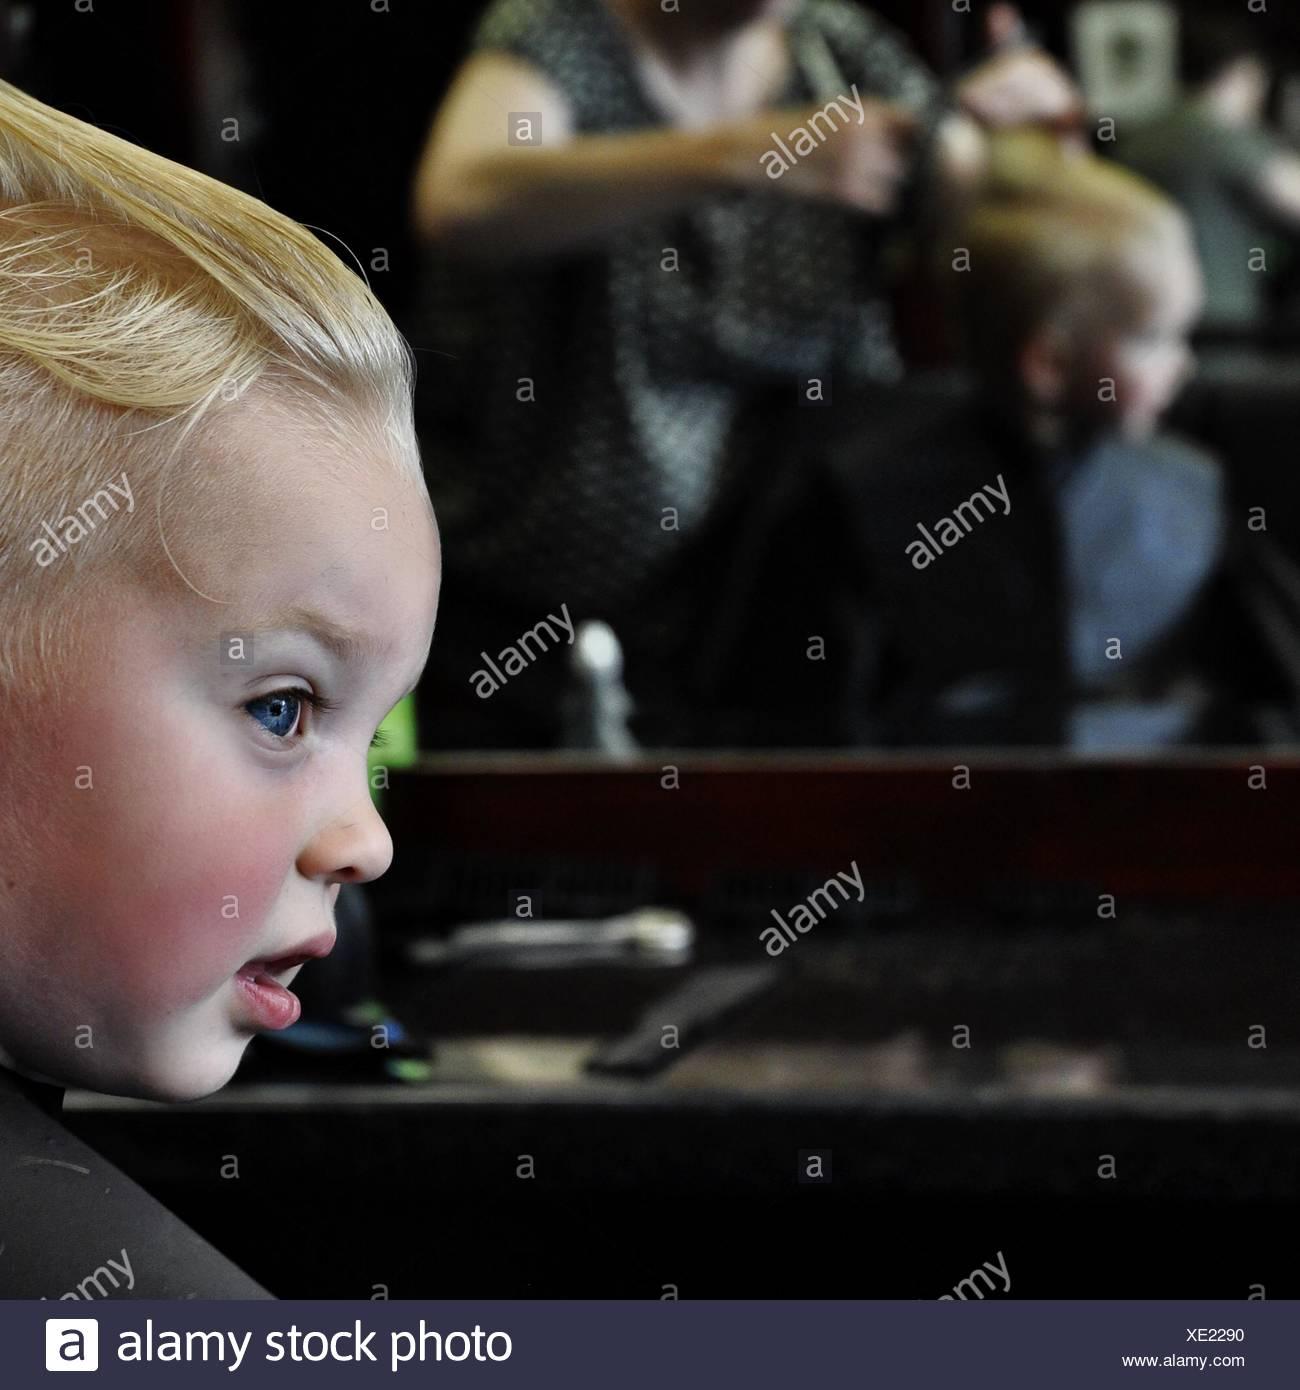 Garçon faisant couper les cheveux au salon de beauté Banque D'Images